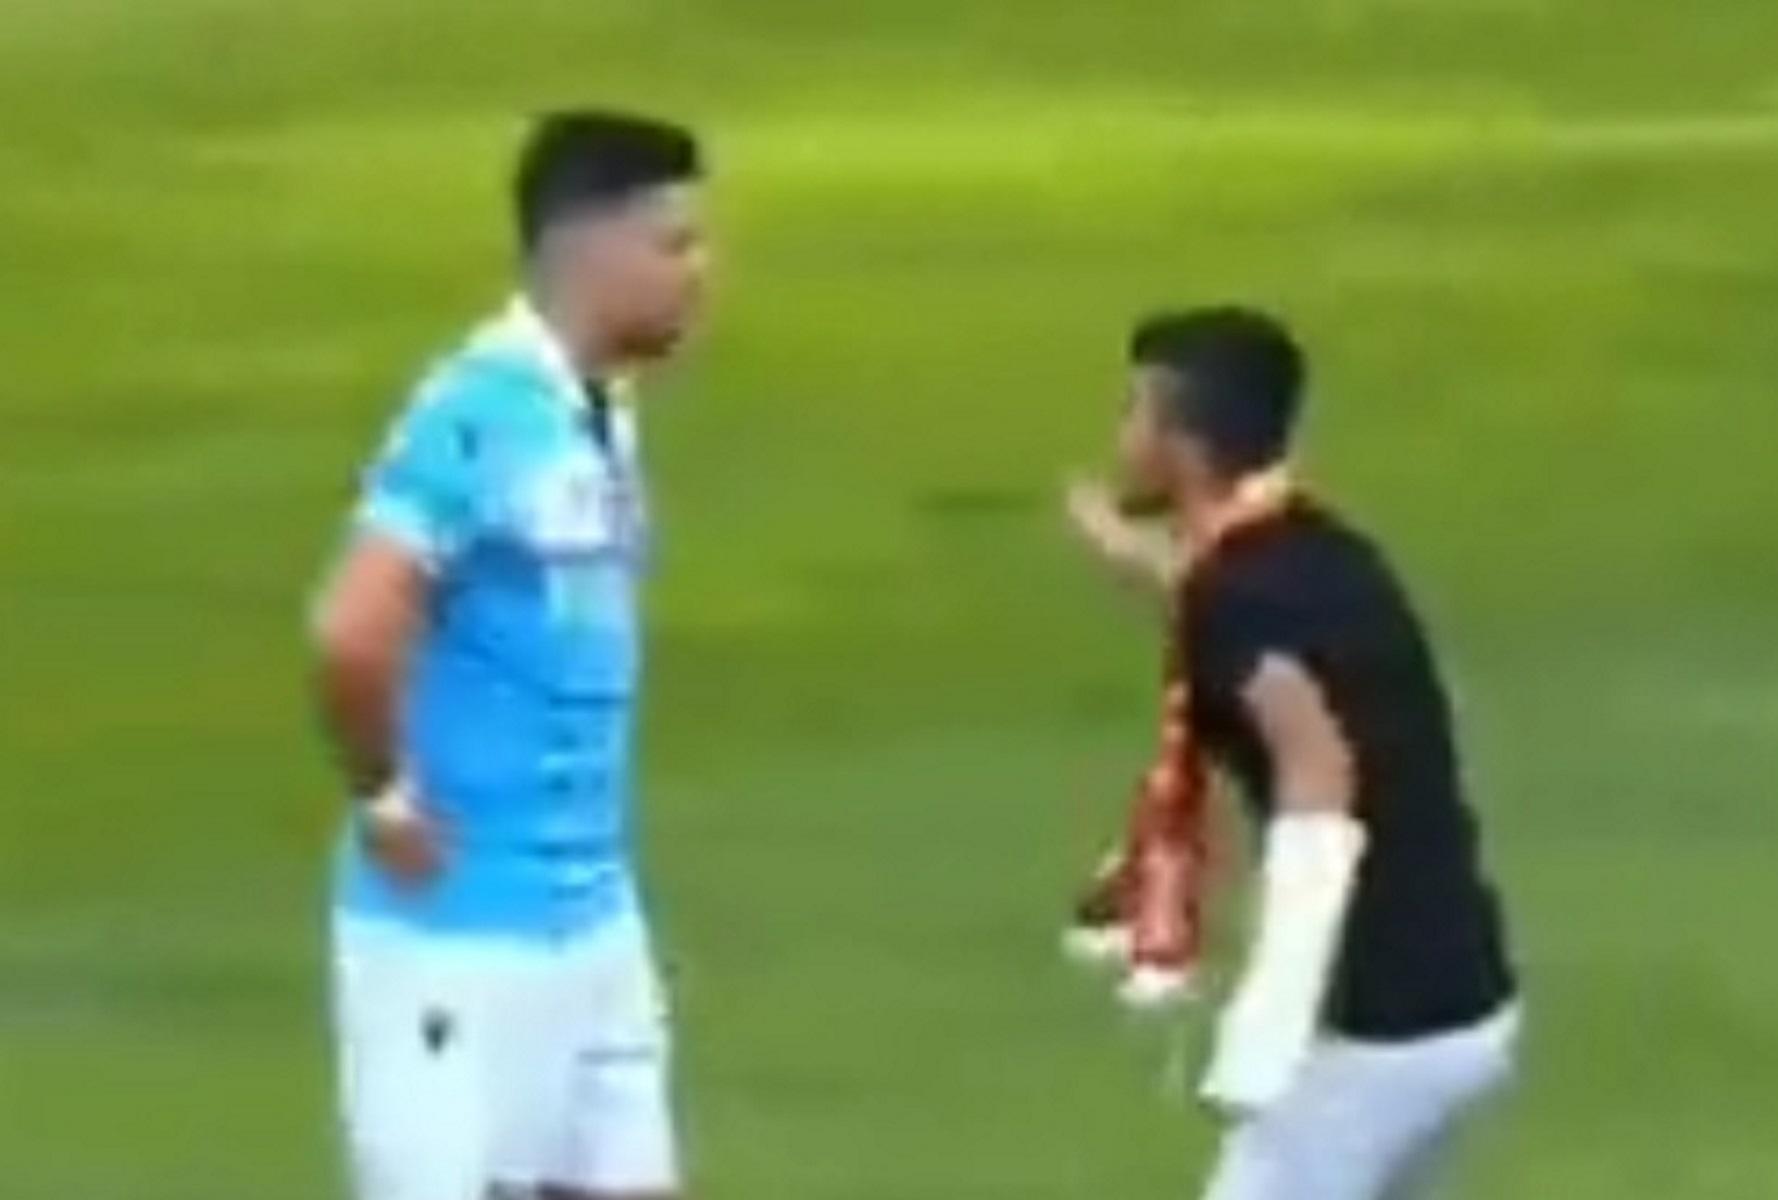 Τάσος Μπακασέτας: Του την «έπεσε» οπαδός της Καϊσέρισπορ επειδή σκόραρε κατά της ομάδας του